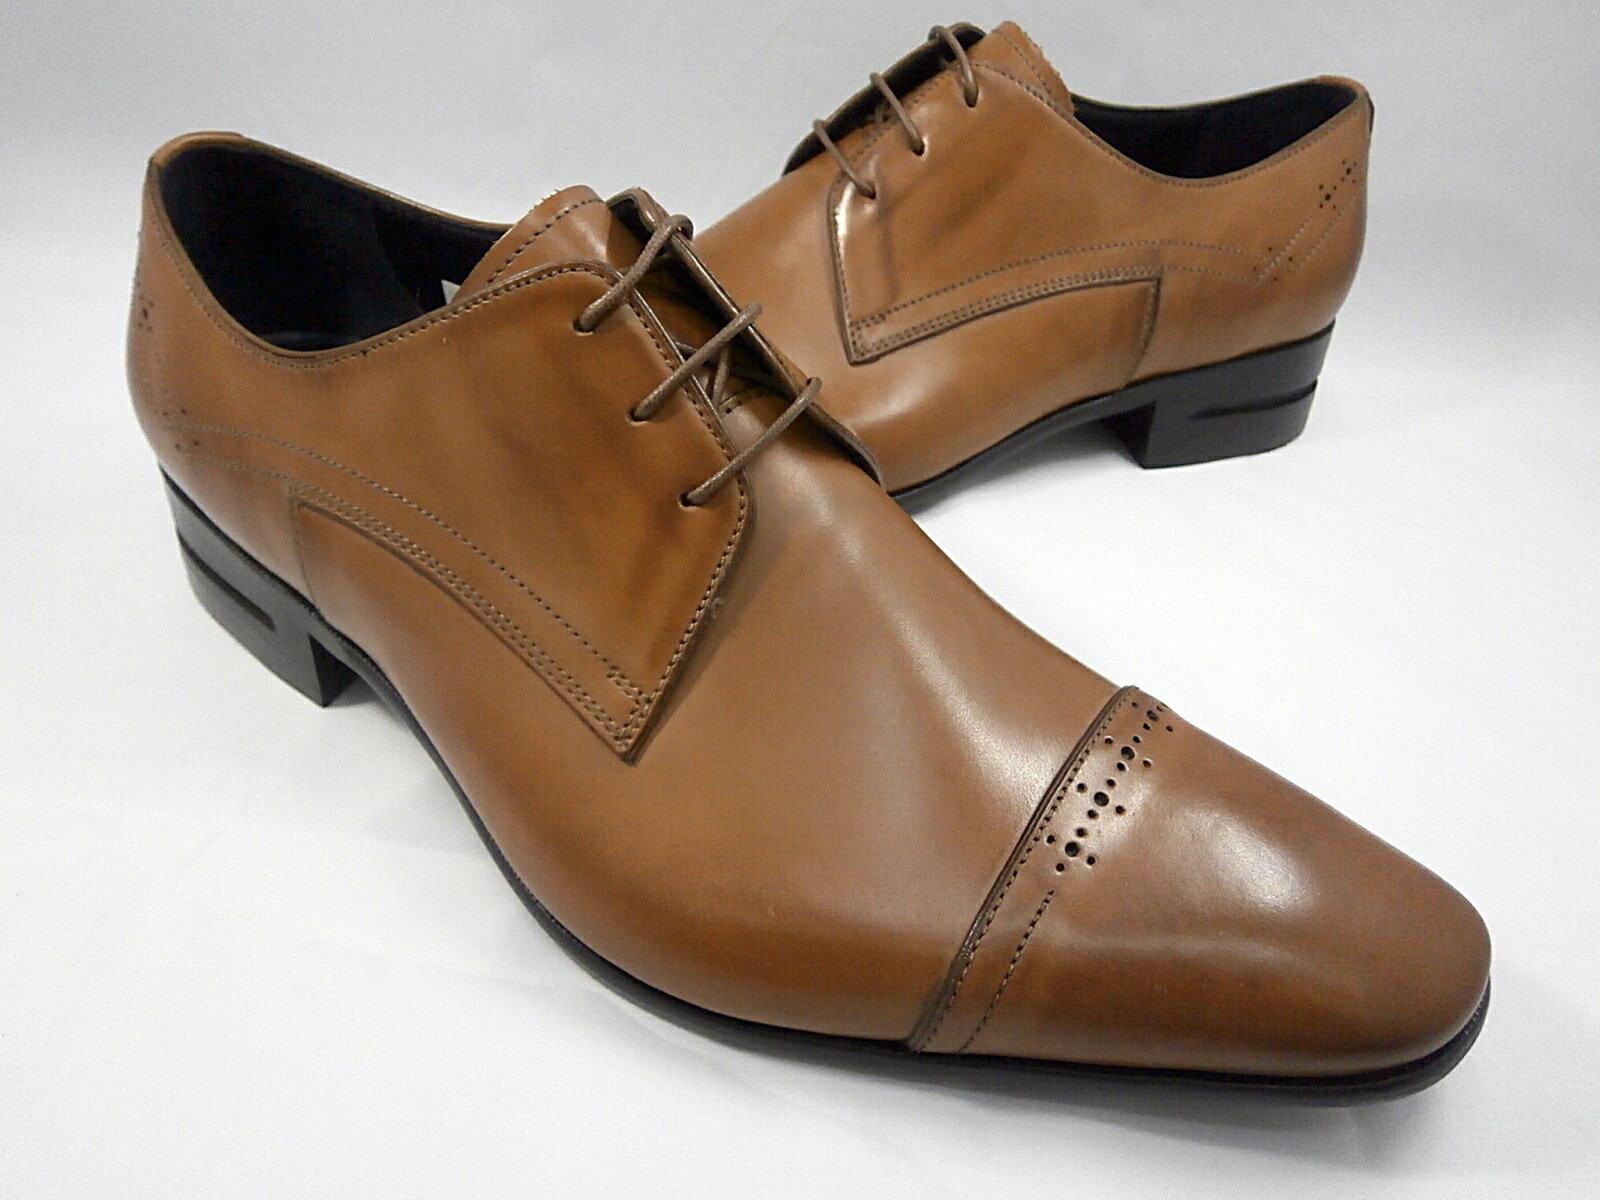 【17年夏新製品!】キャサリンハムネット ストレートチップ 31551(ブラウン)KATHARINE HAMNETT 靴 紳士靴【ポイント10倍】